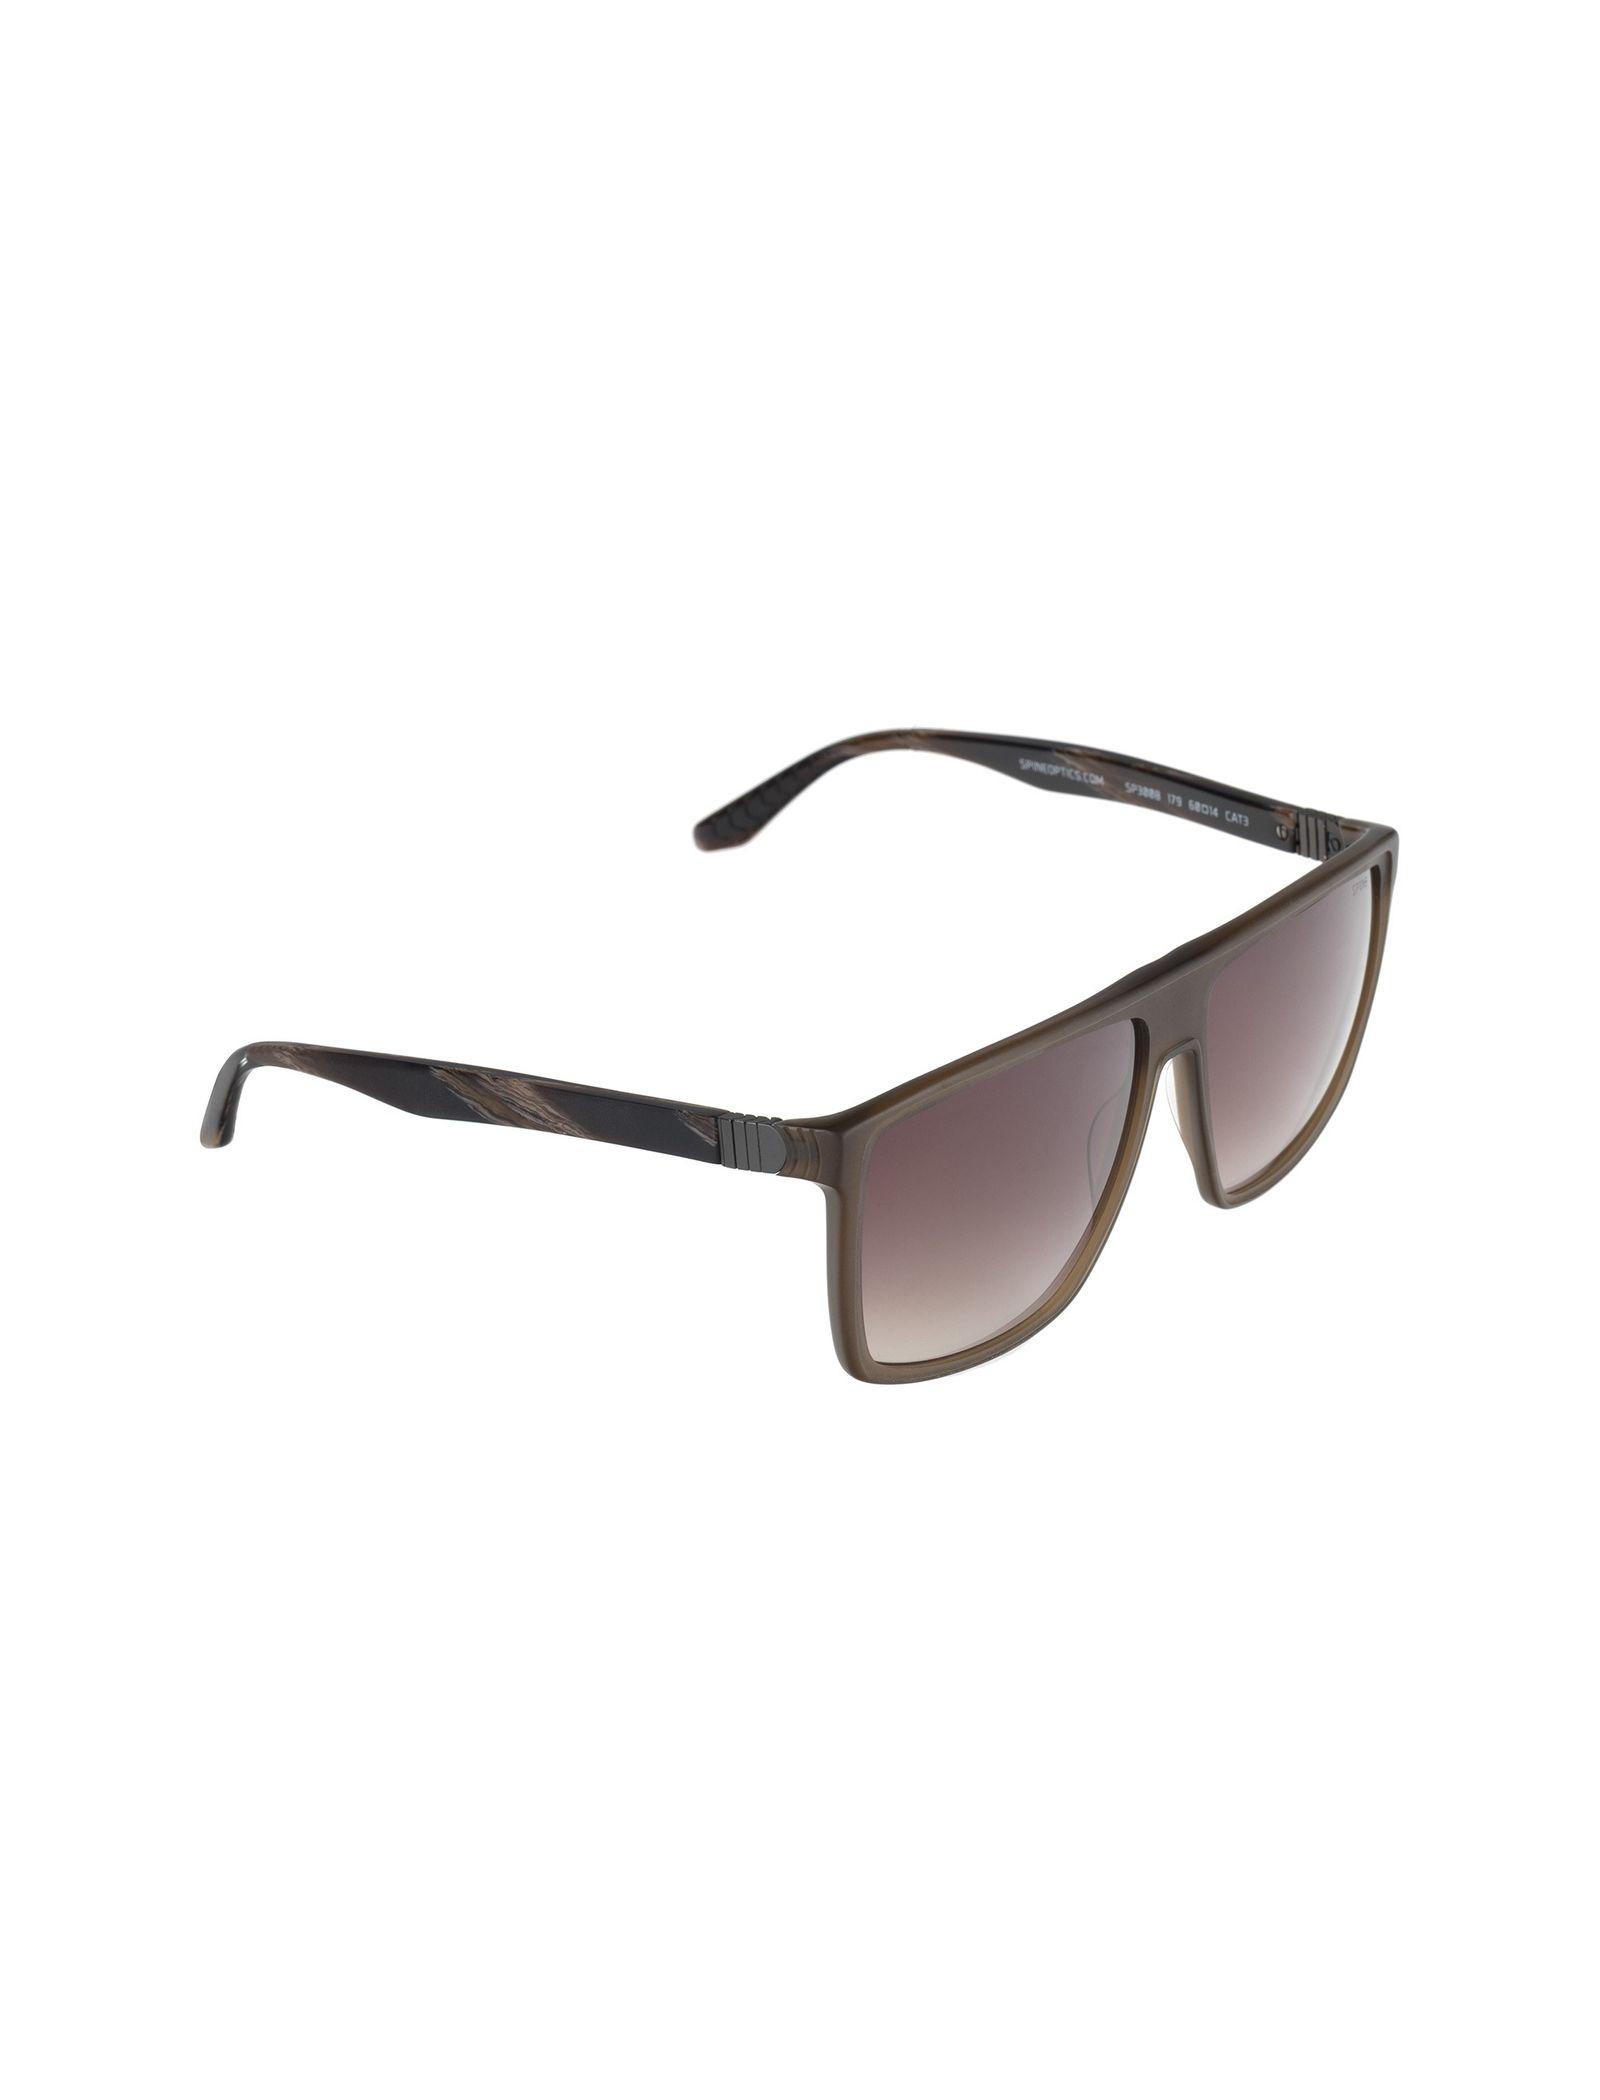 عینک آفتابی ویفرر مردانه - اسپاین - قهوه اي شفاف - 2